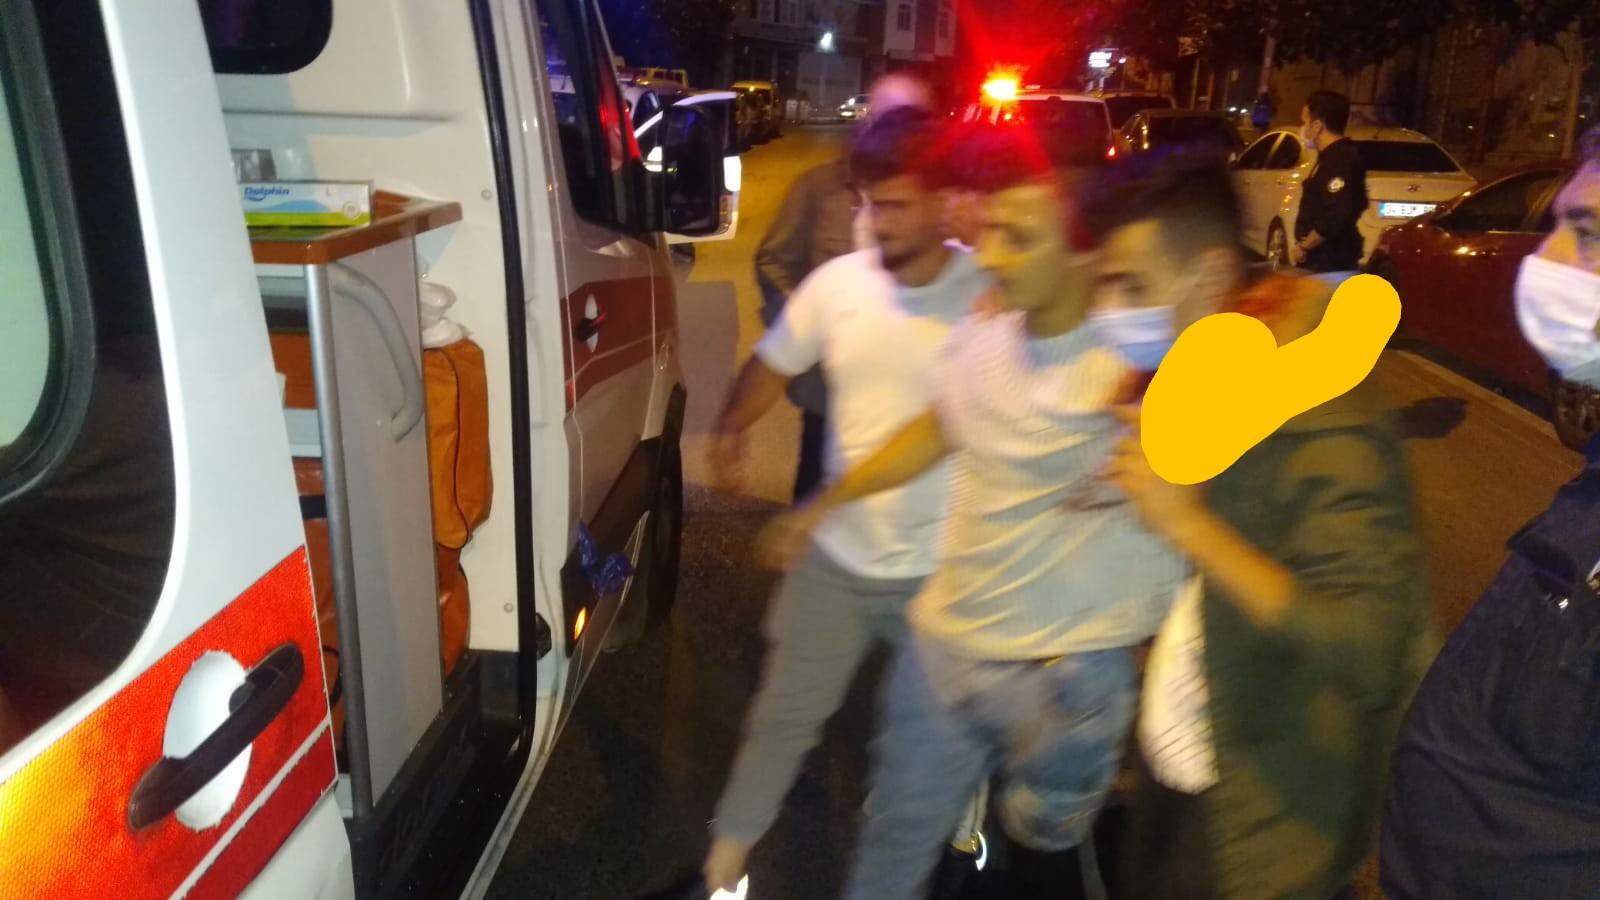 Eli kanlı bıçaklı sokak eşkıyaları terör estirdi, 1 kişi yaralı